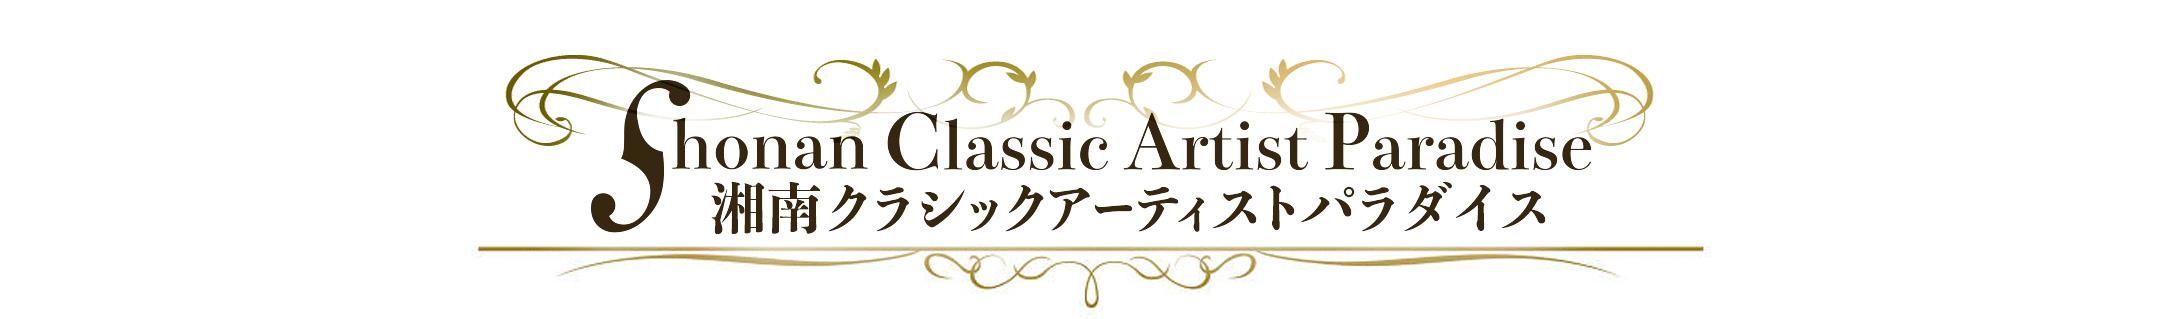 湘南クラシックアーティストパラダイス